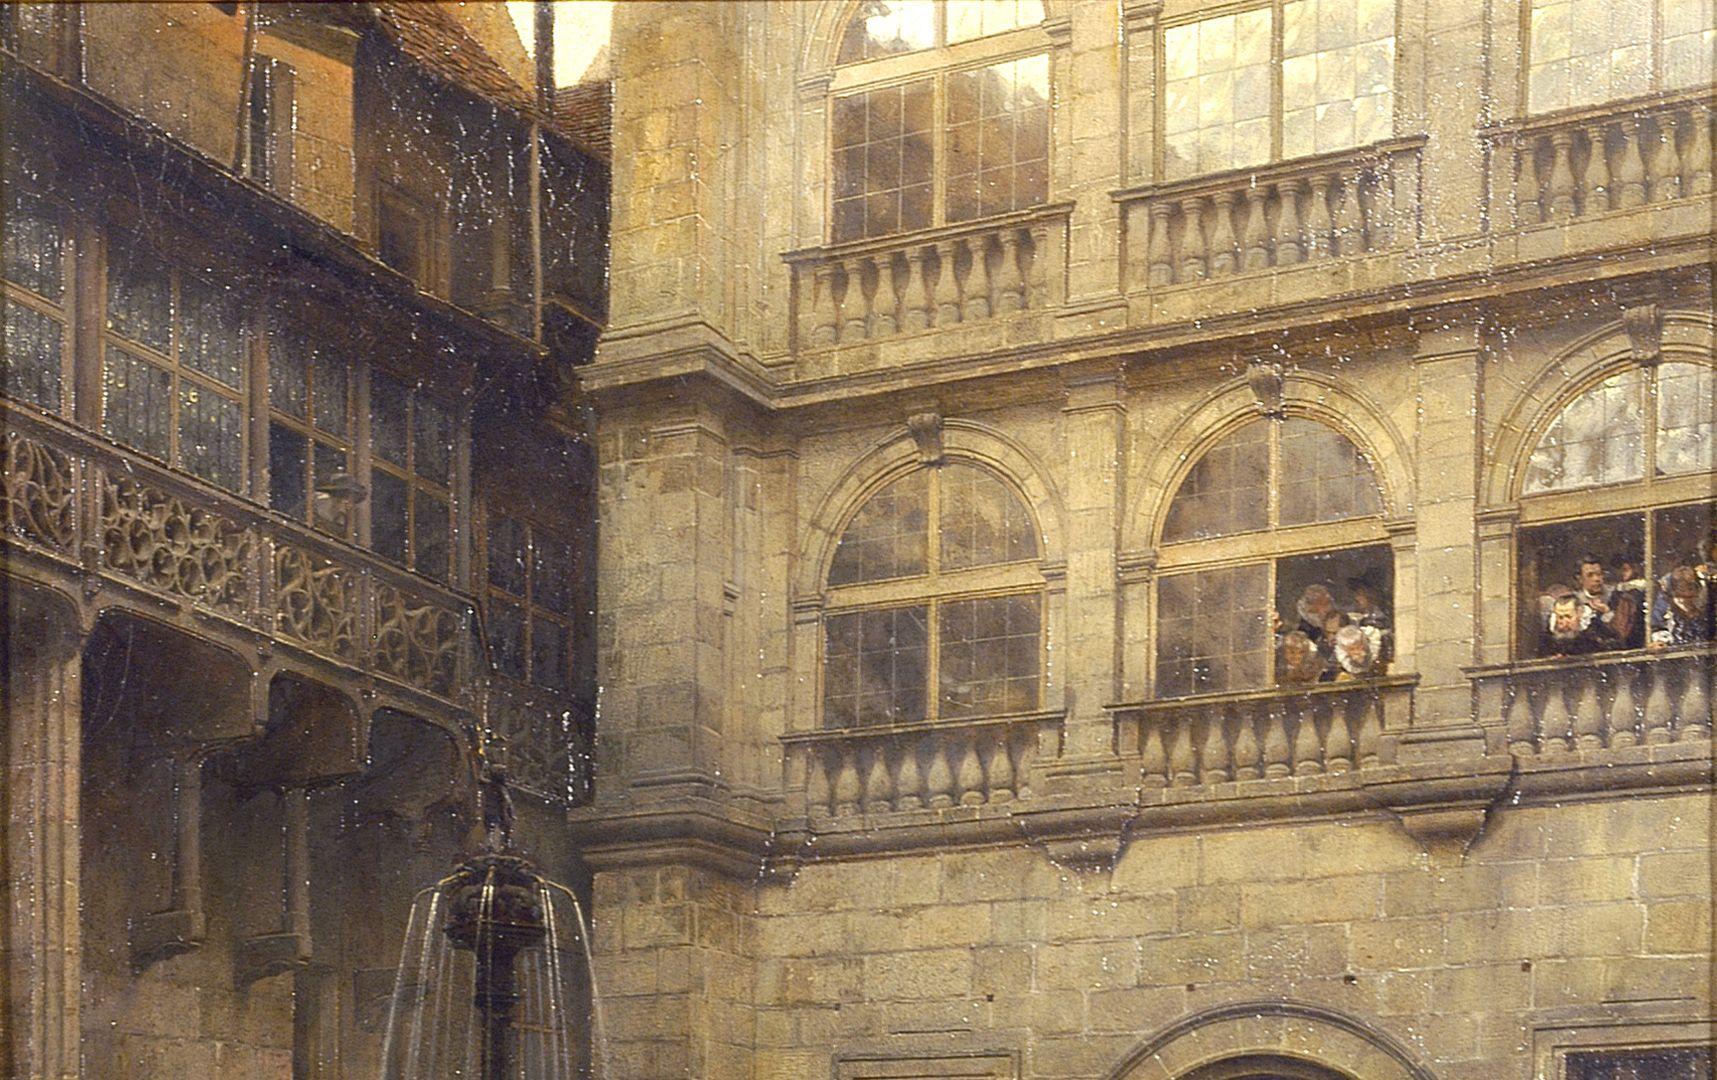 Ostseite des großen Rathaushofes zu Nürnberg zur Zeit des Friedensmahls 1649 obere Bildhälfte